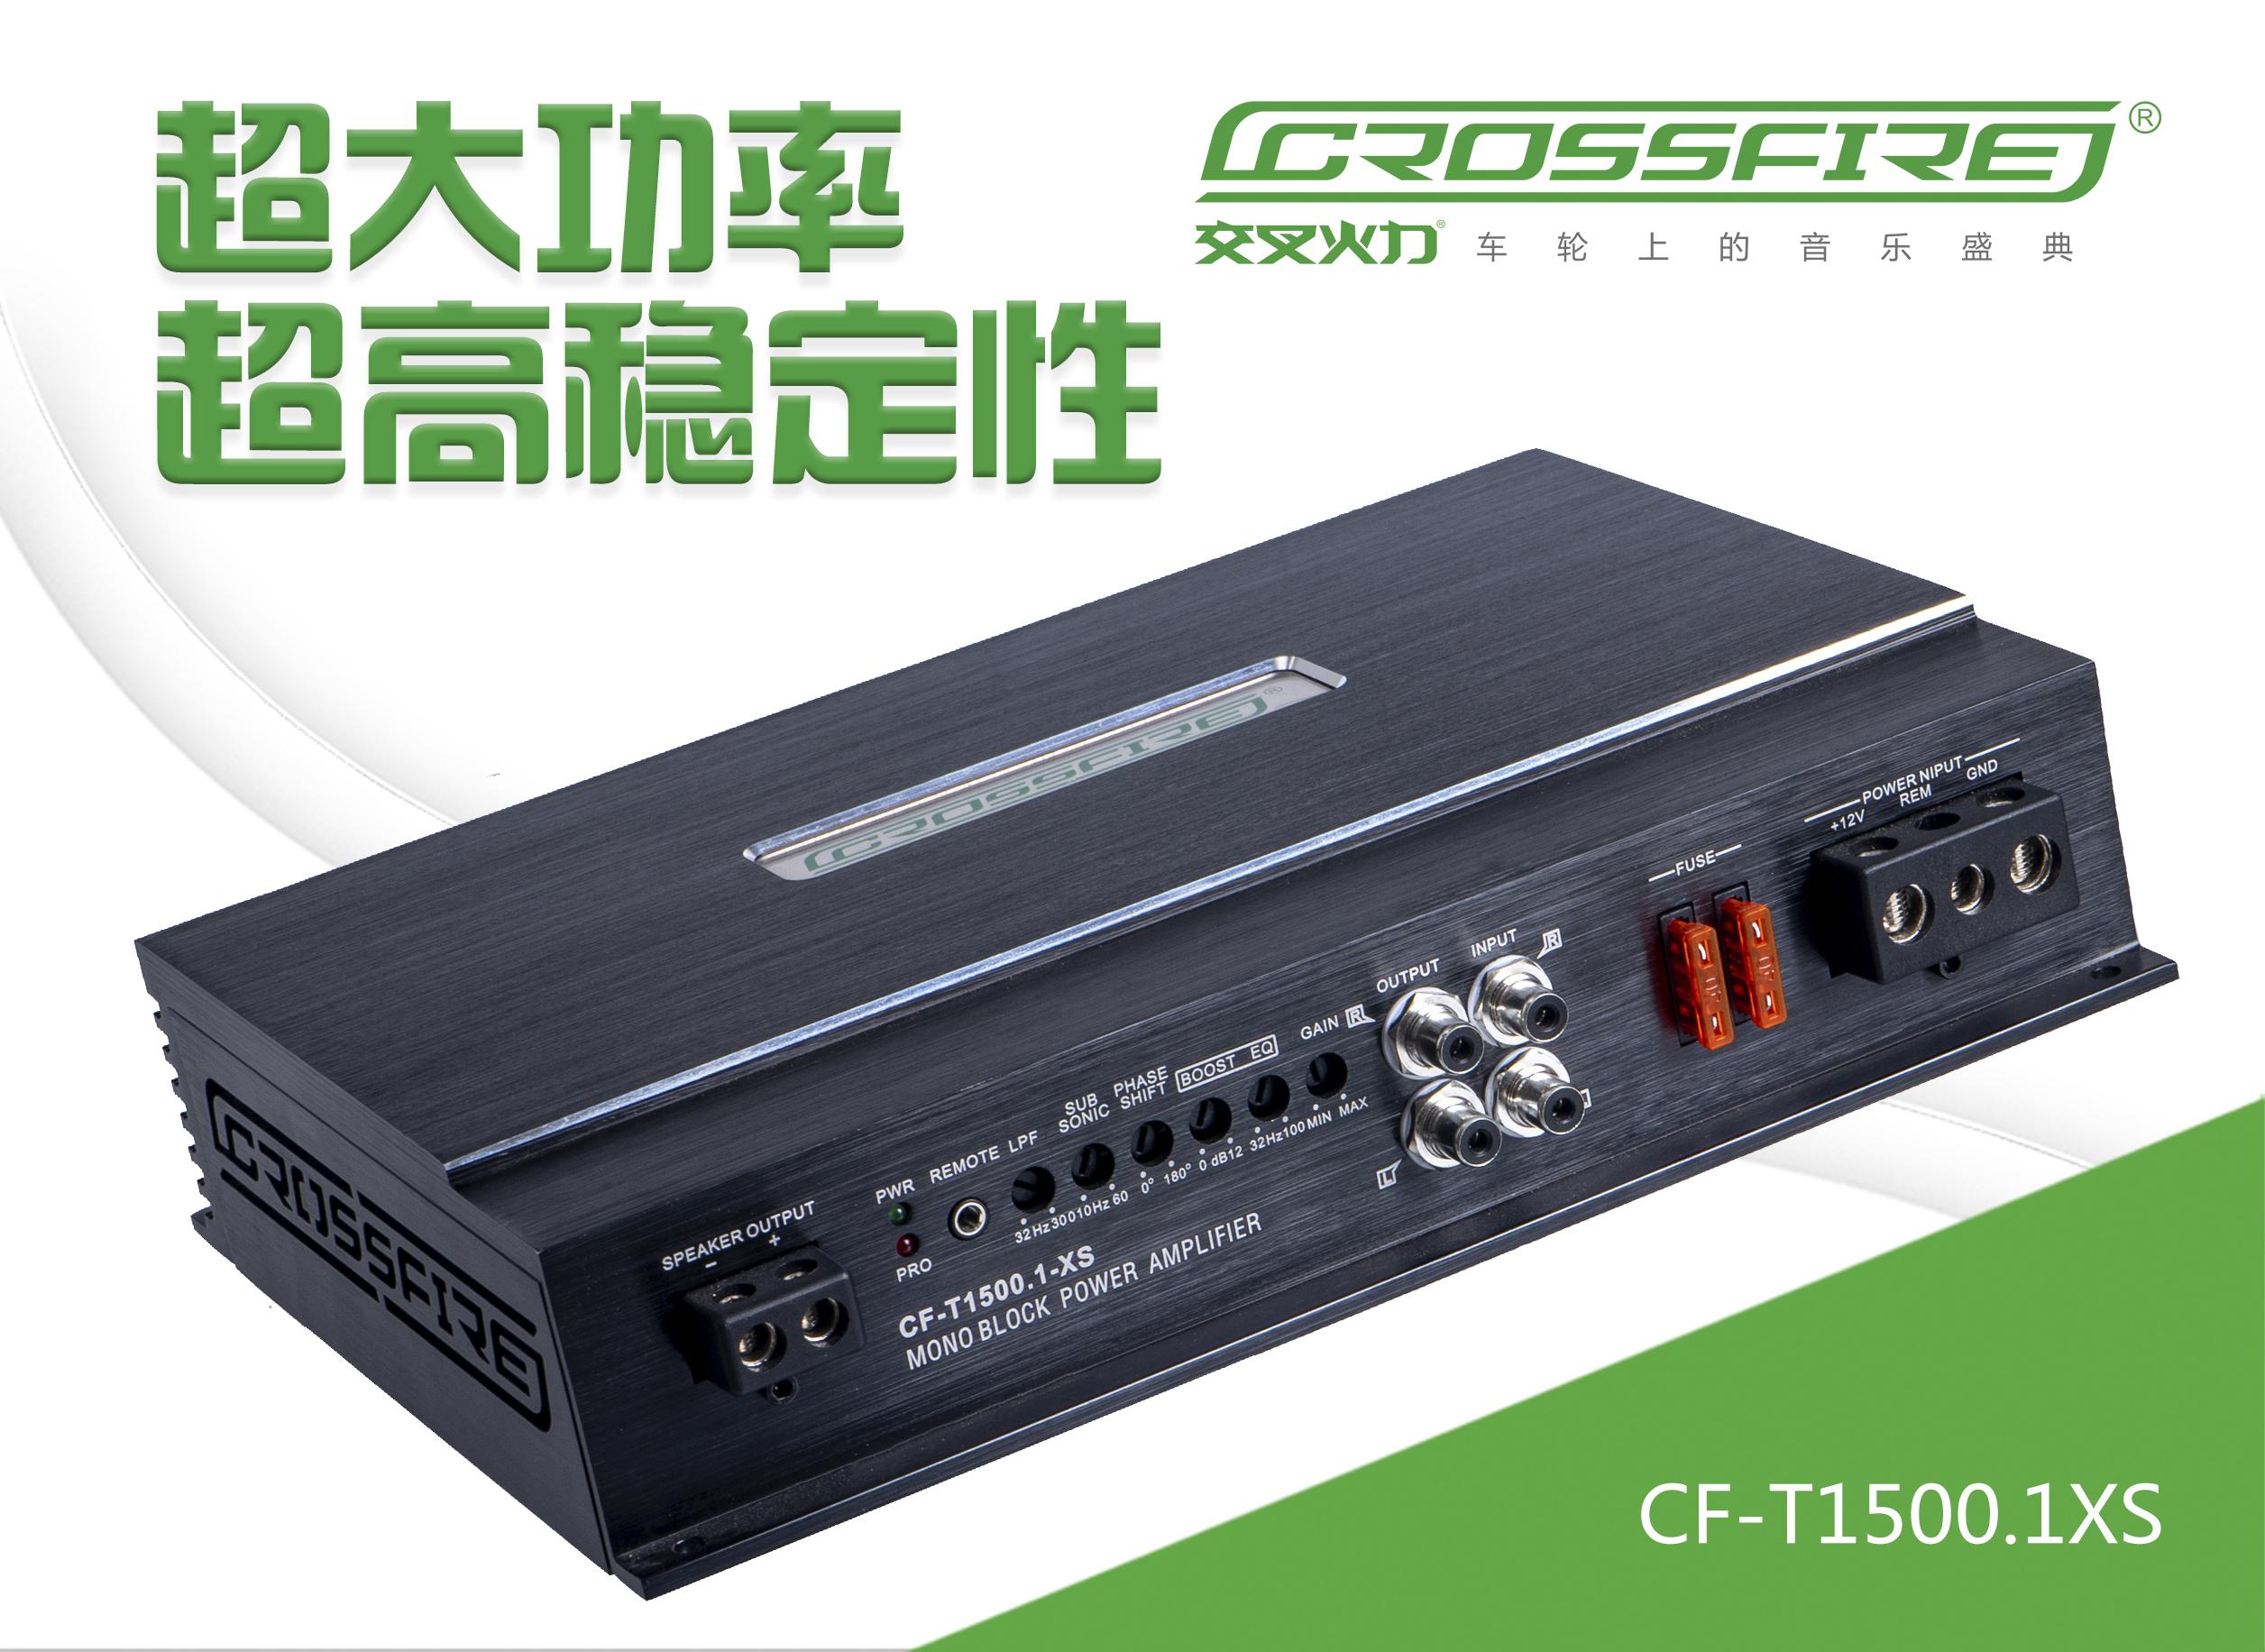 CF-1500.1XS